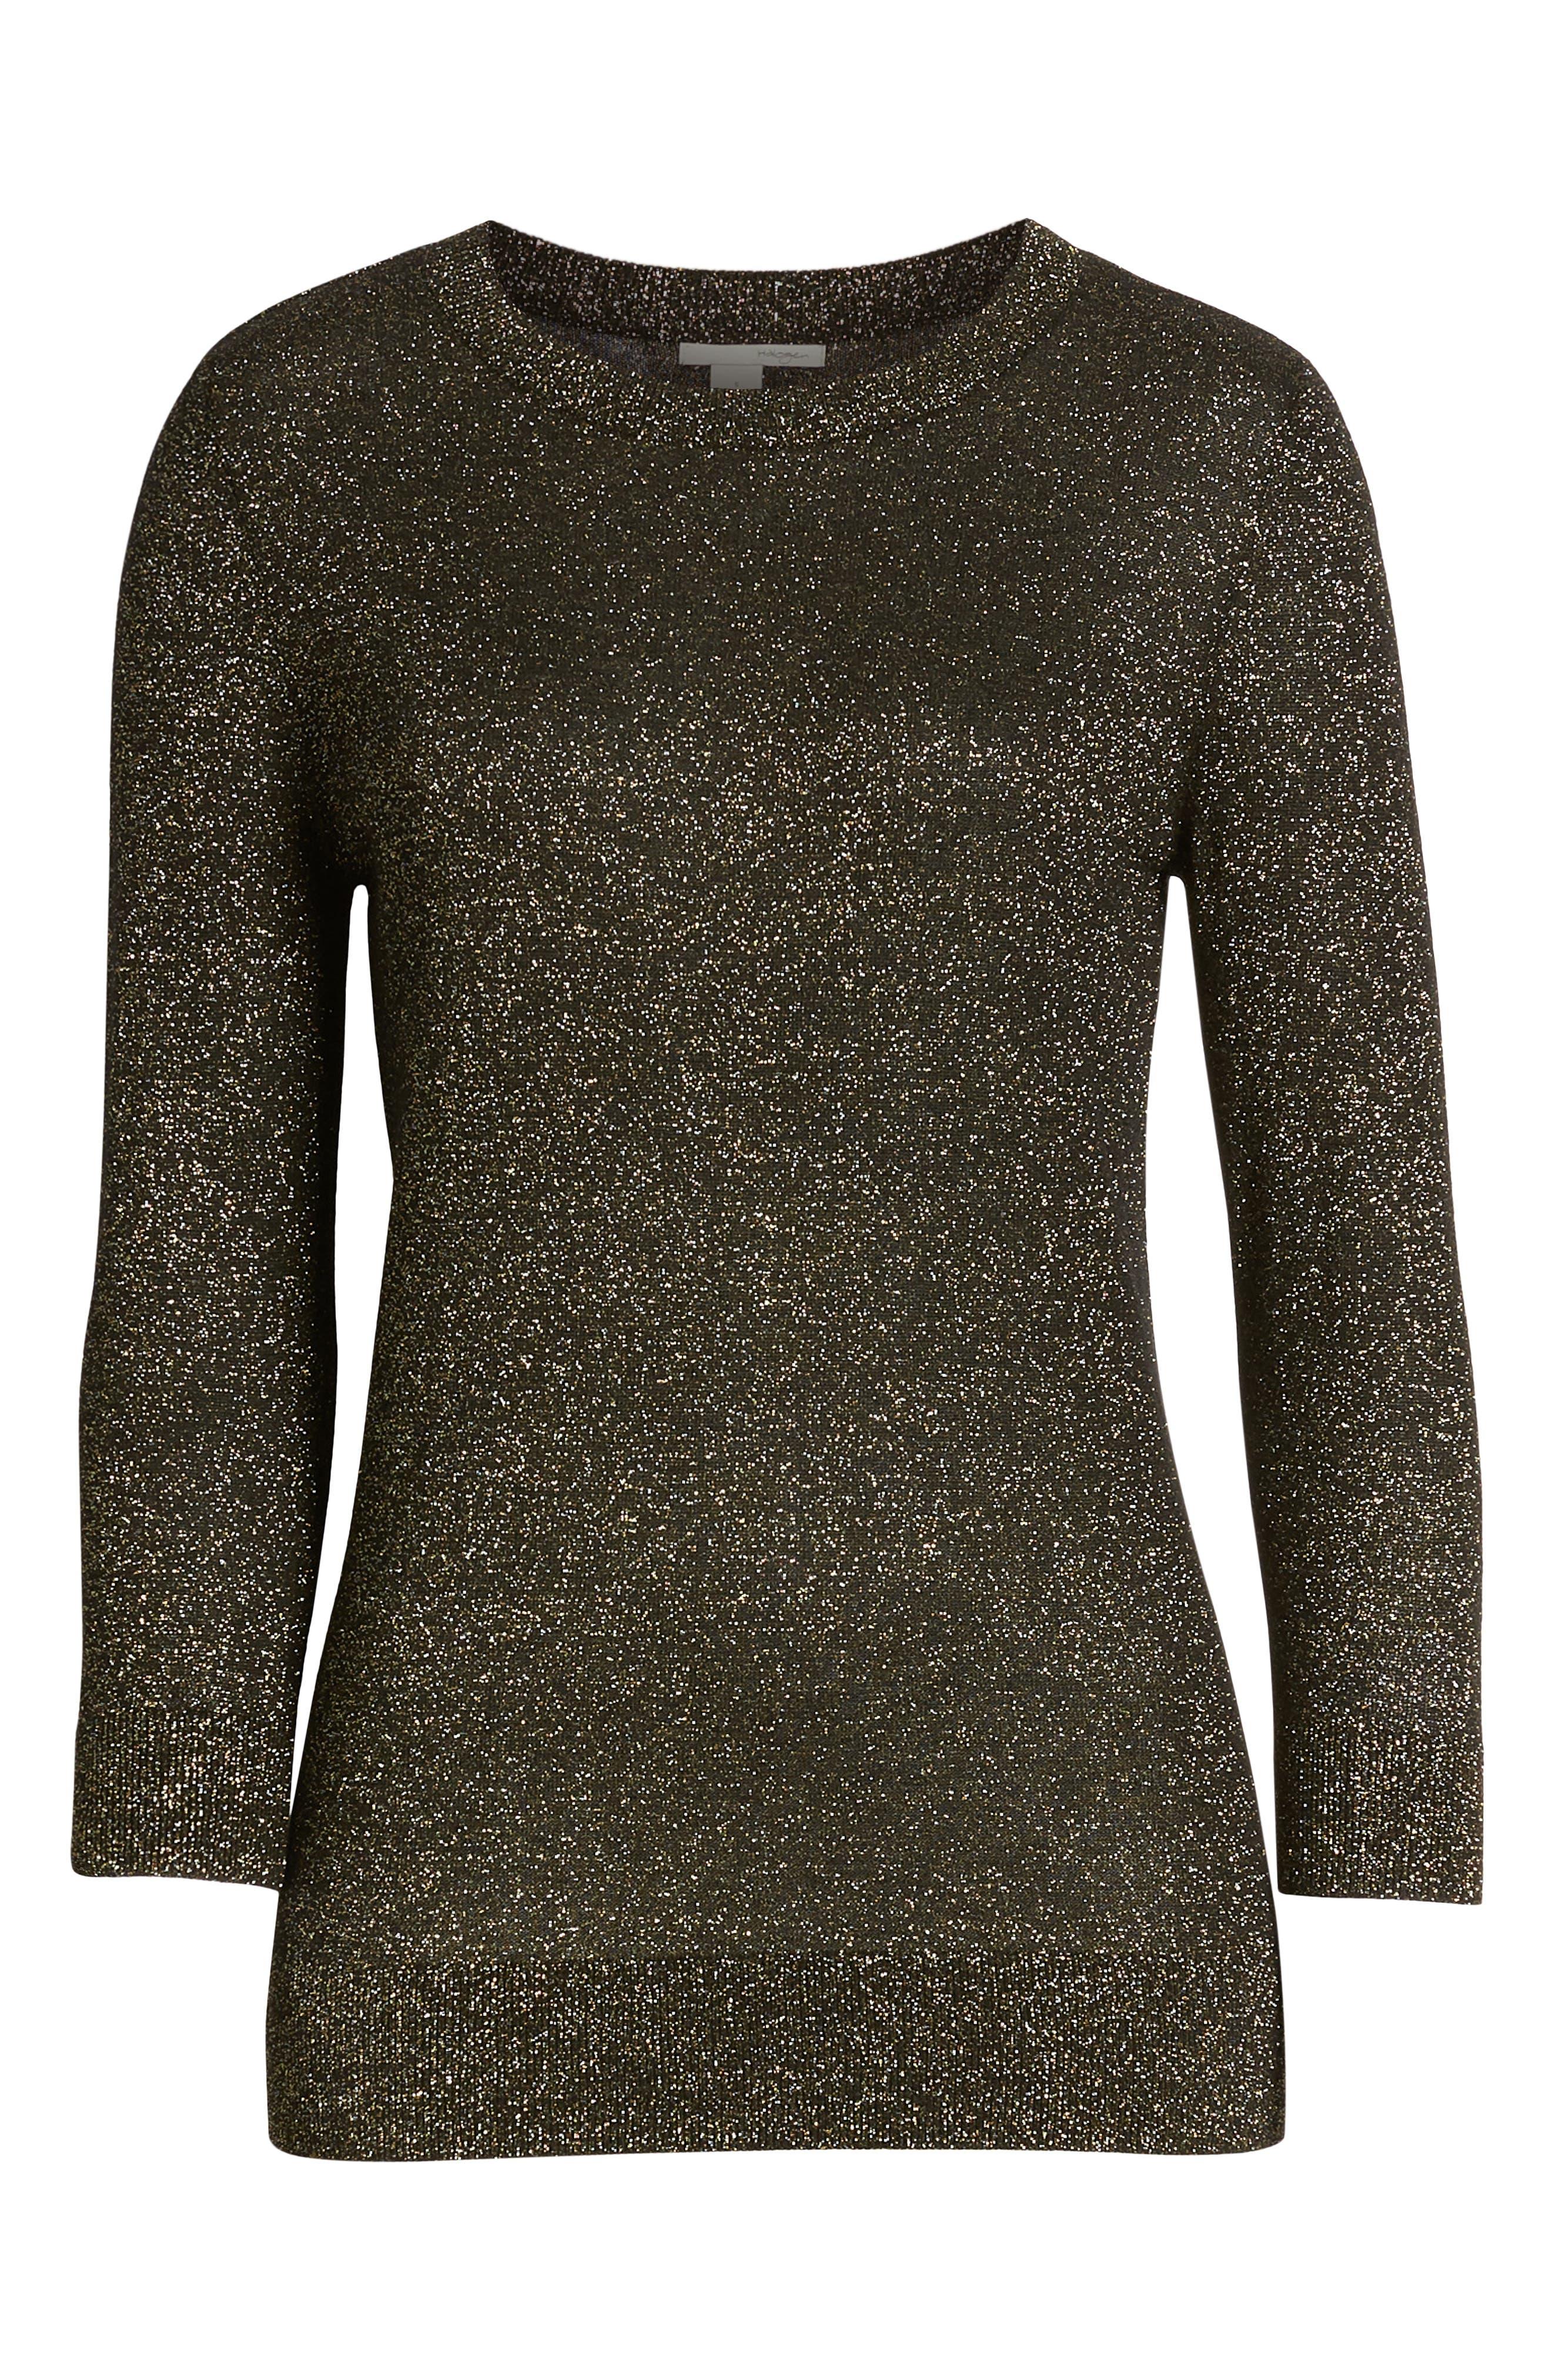 Shimmer Sweater,                             Alternate thumbnail 6, color,                             BLACK